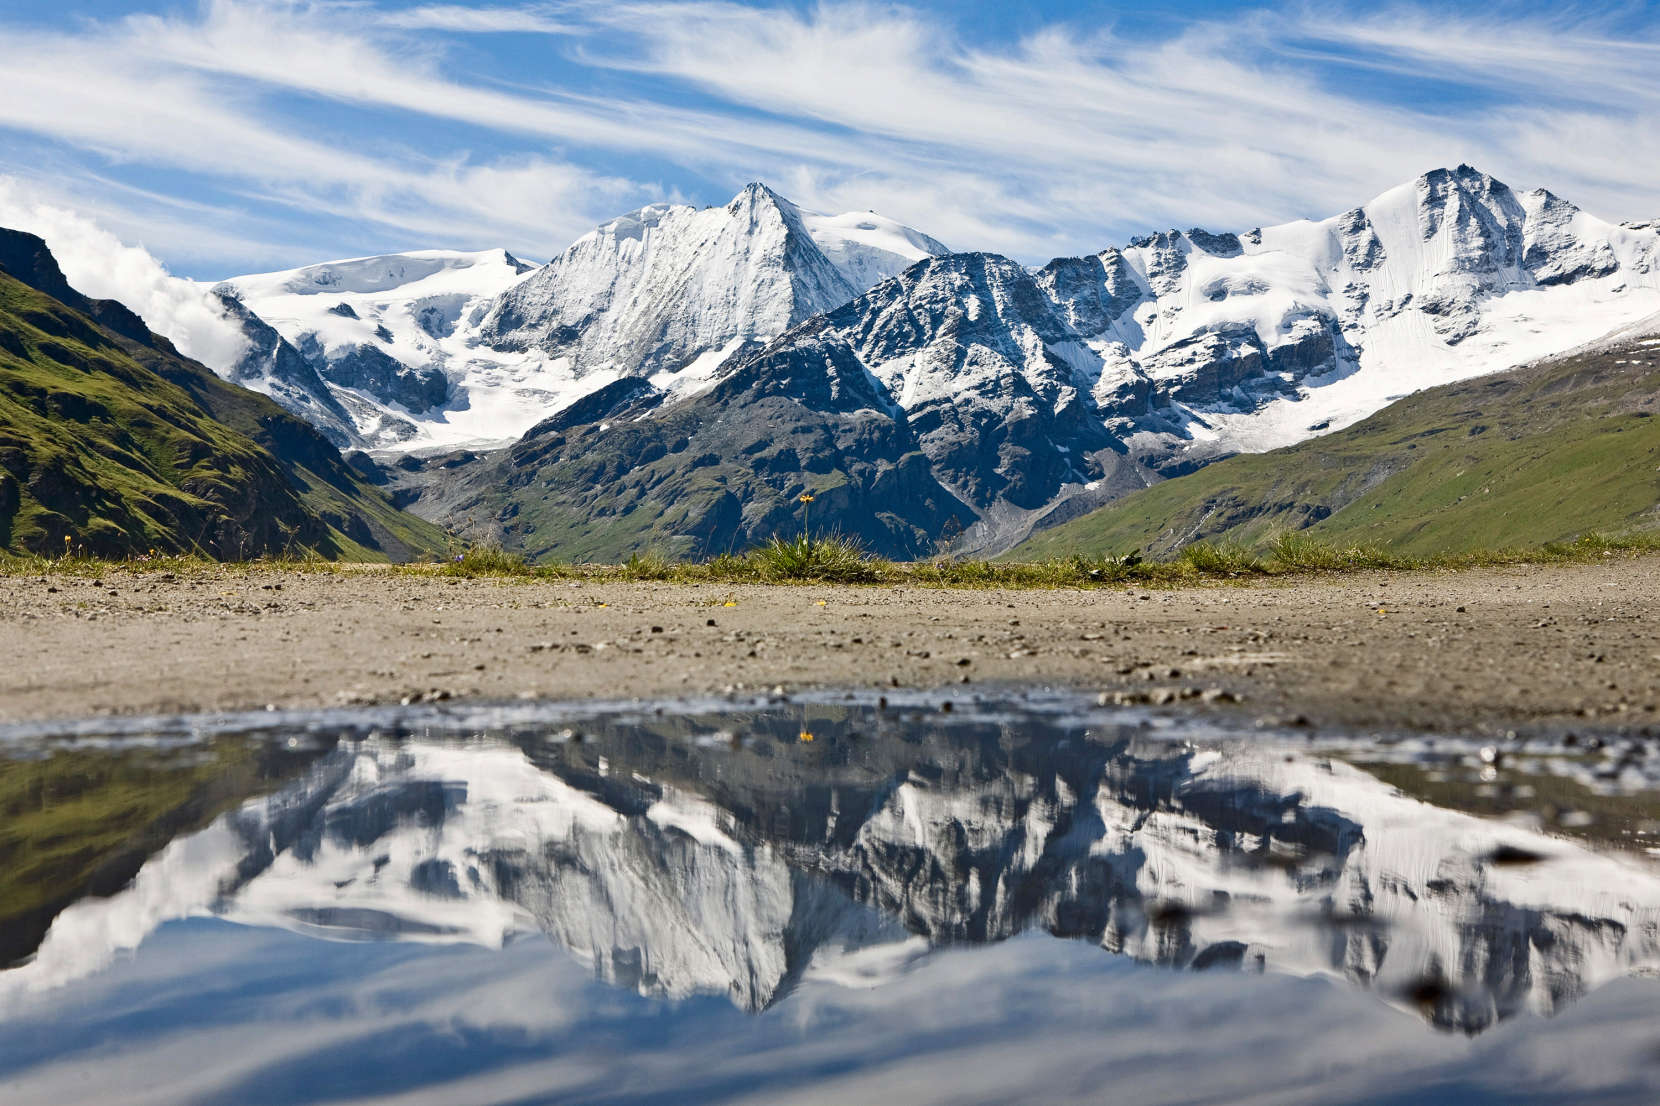 Val des Dix: Monts Rouges, Ptes. de Tsena Réfien, La Serpentine, Tete Noire, Mont Blanc de Cheilon, Sex Quinaudoz, La Luette